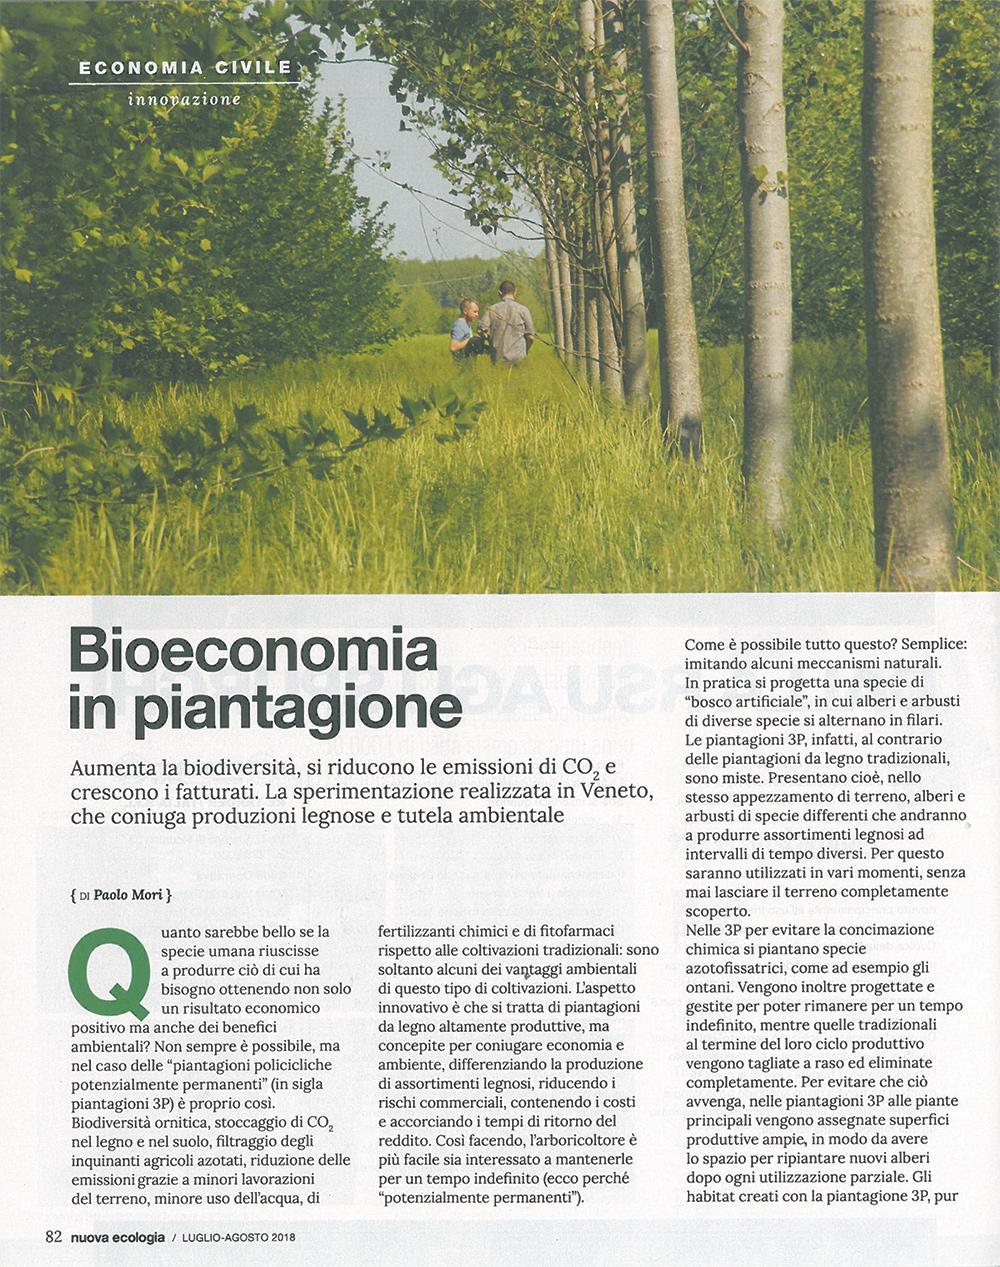 Bioeconomia in piantagione